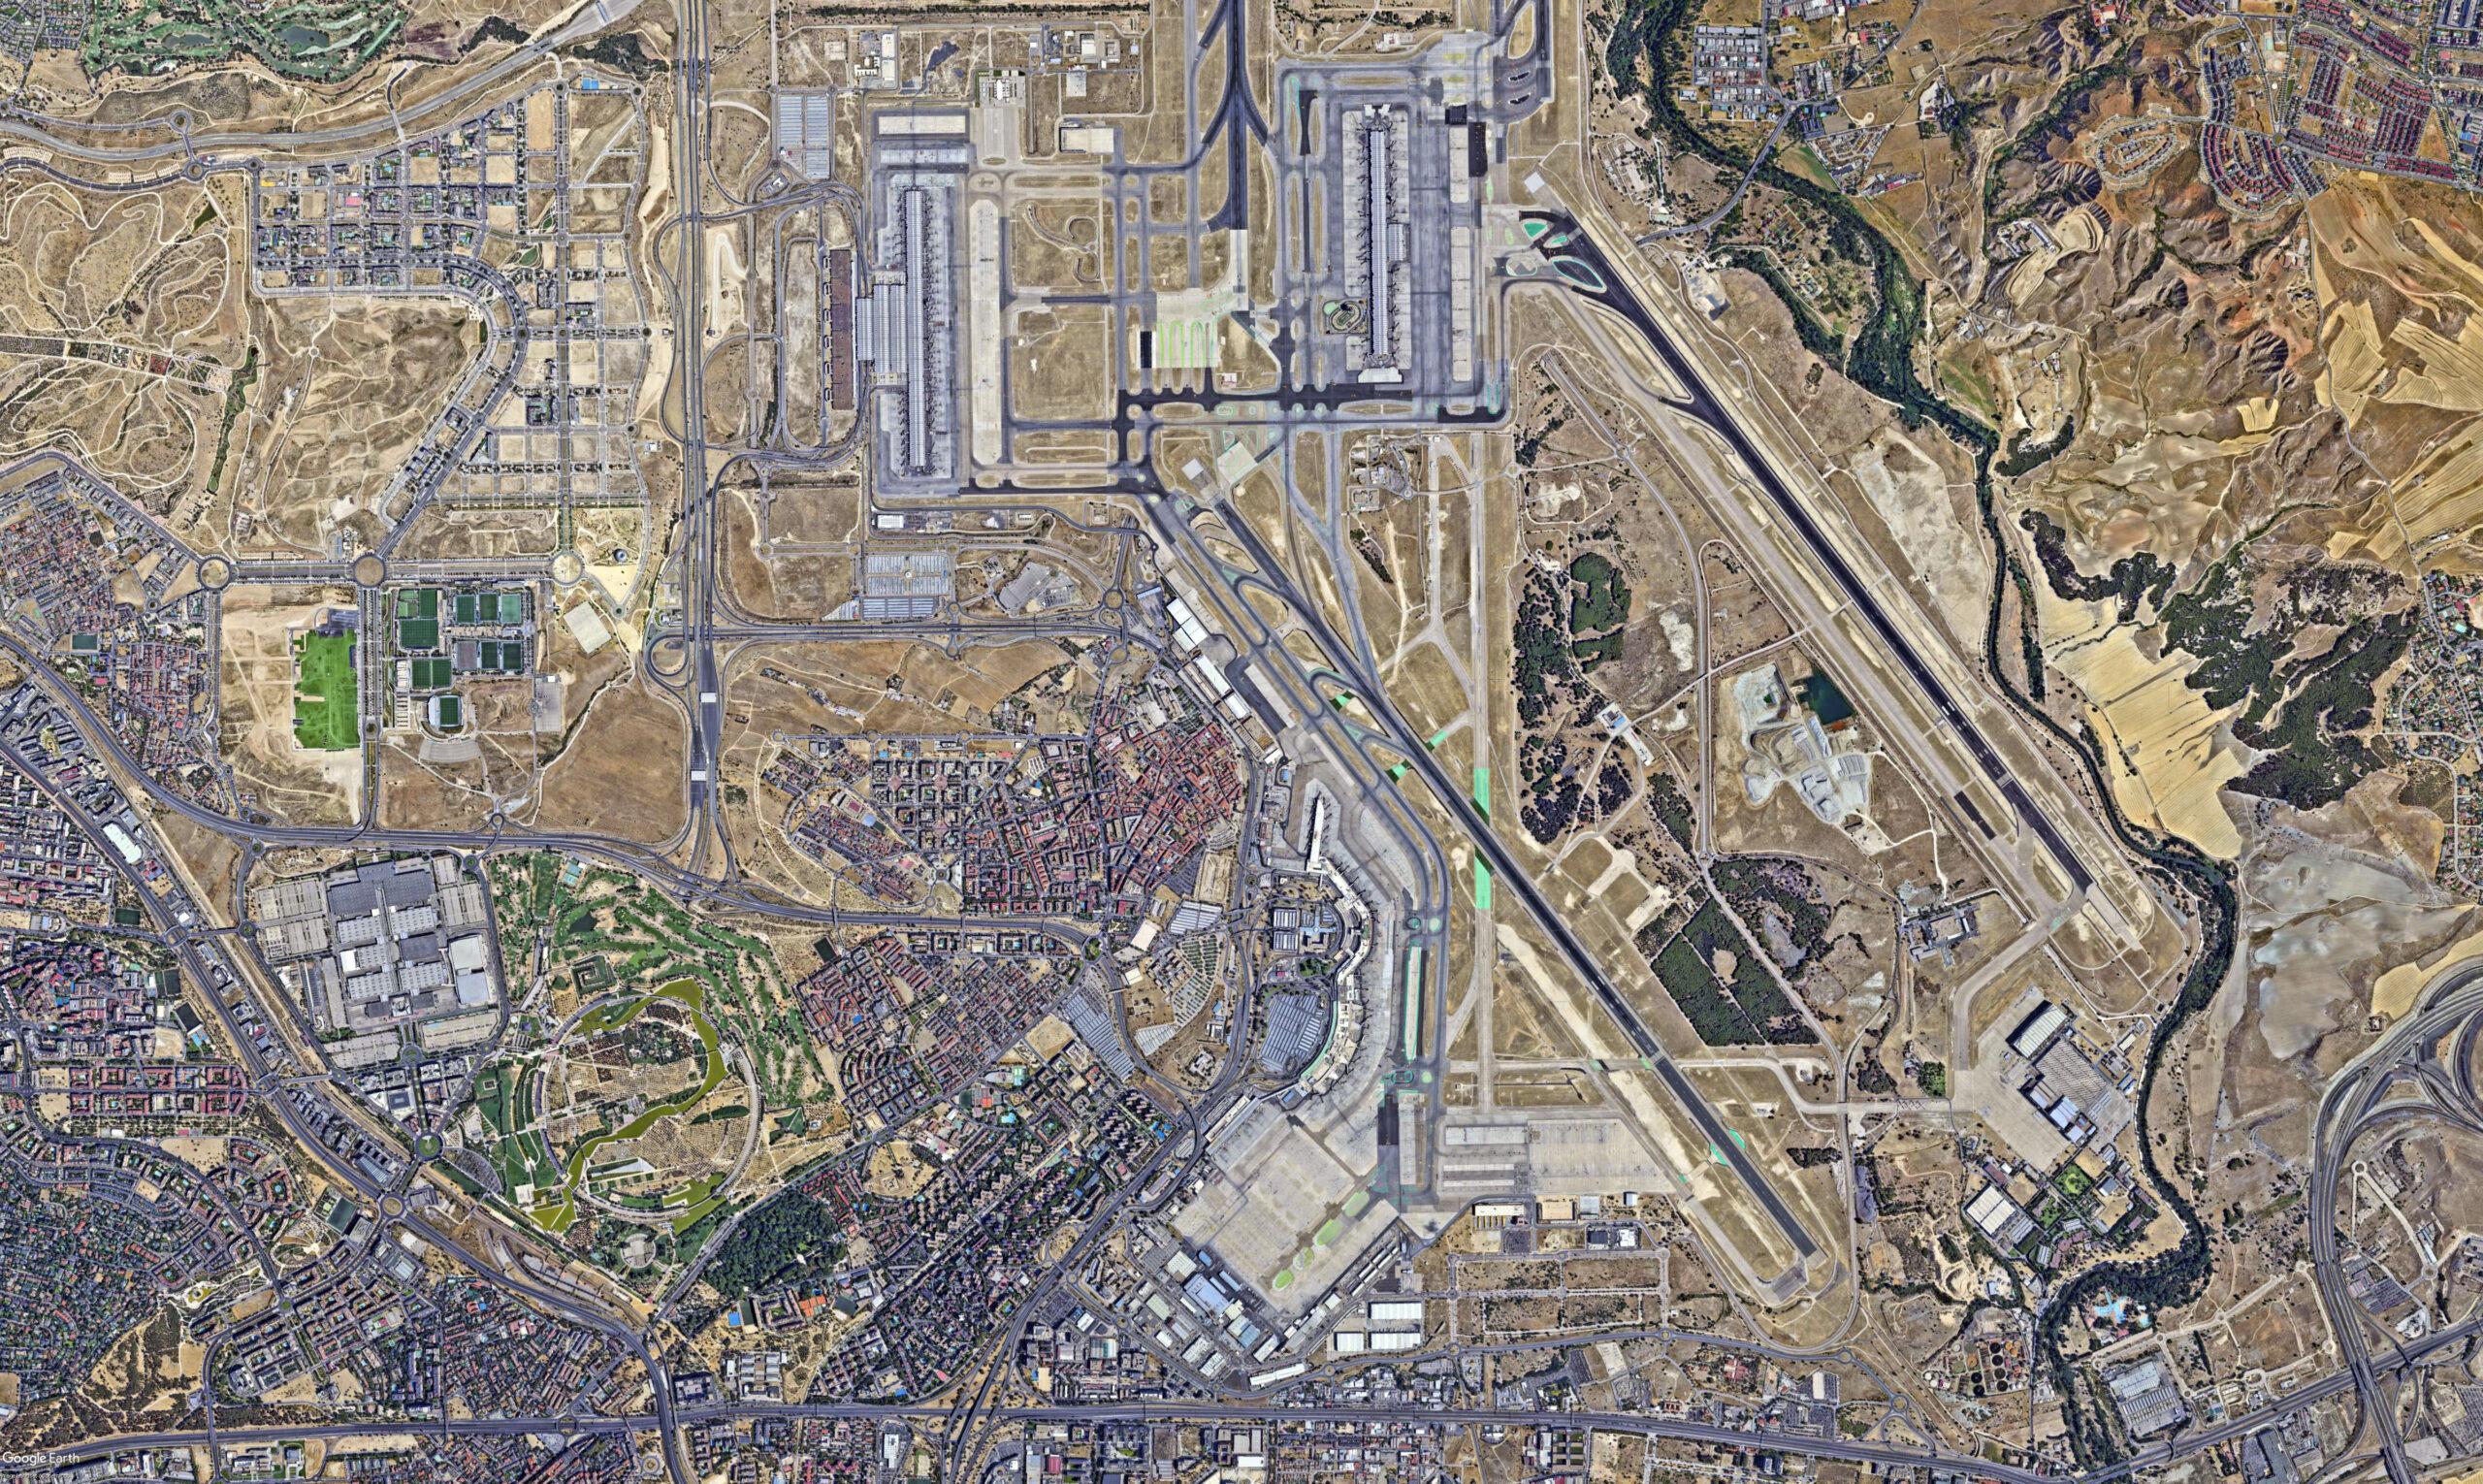 Vista aérea del distrito de Barajas